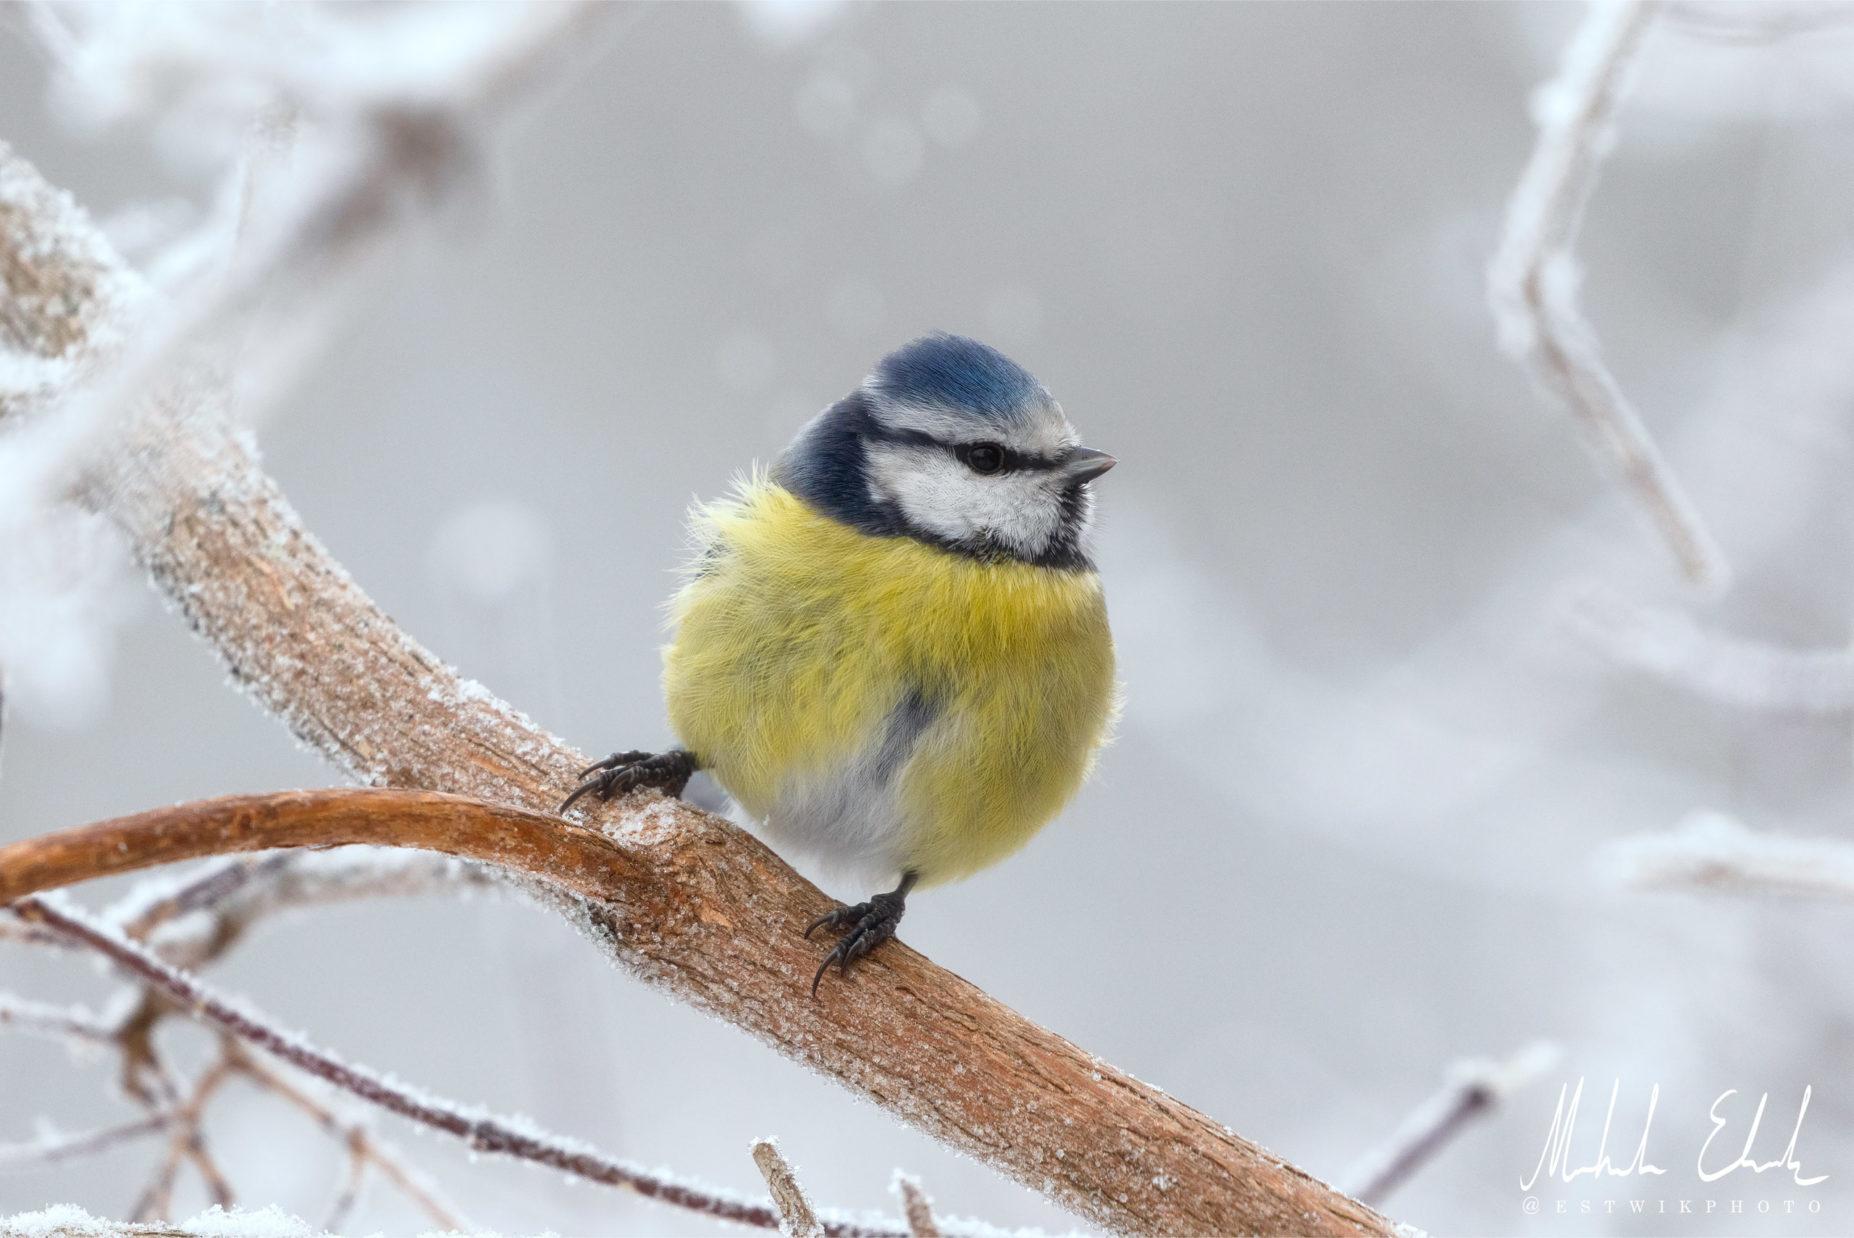 Blåmes i lätt snöfall